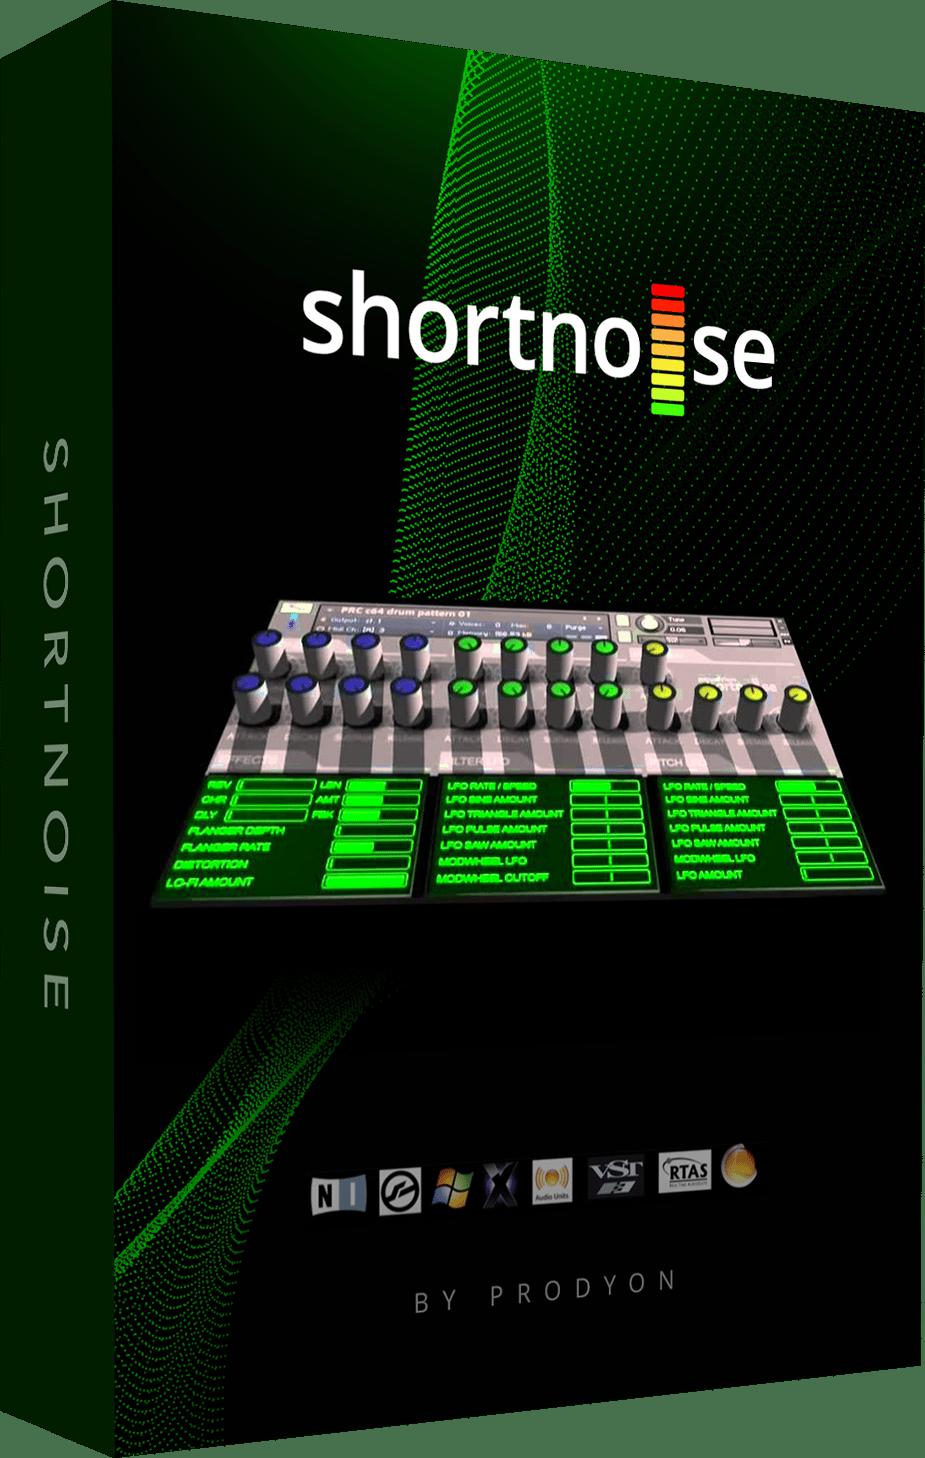 Shortnoise